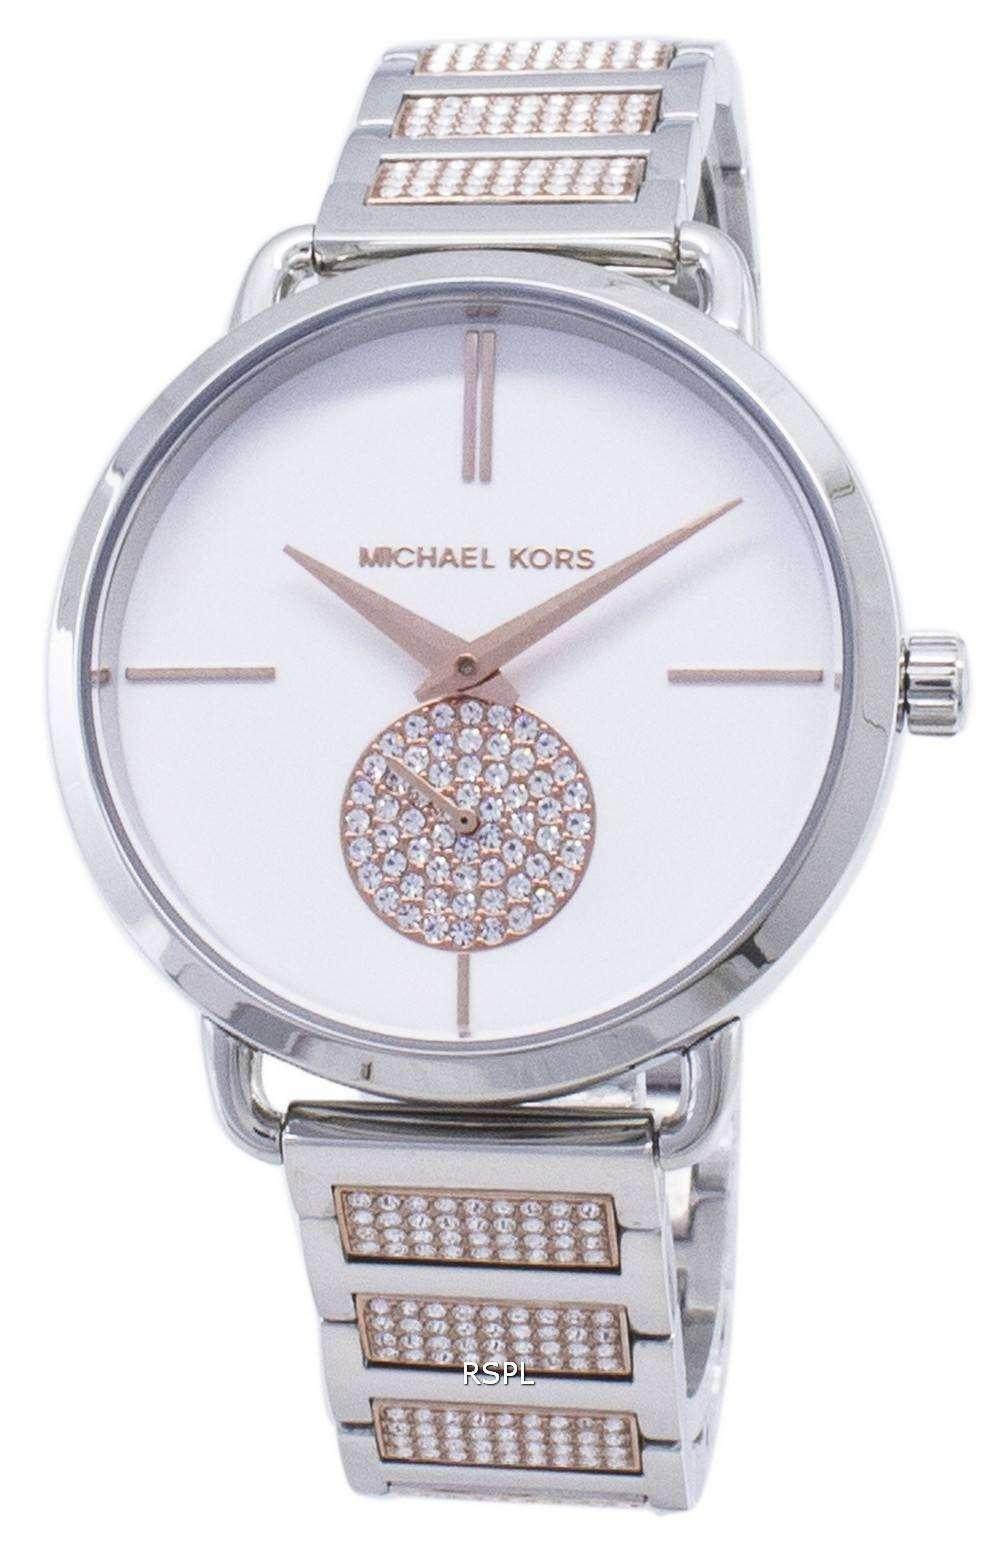 마이클이 스 Portia MK4352 다이아몬드 악센트 석 영 여자 시계